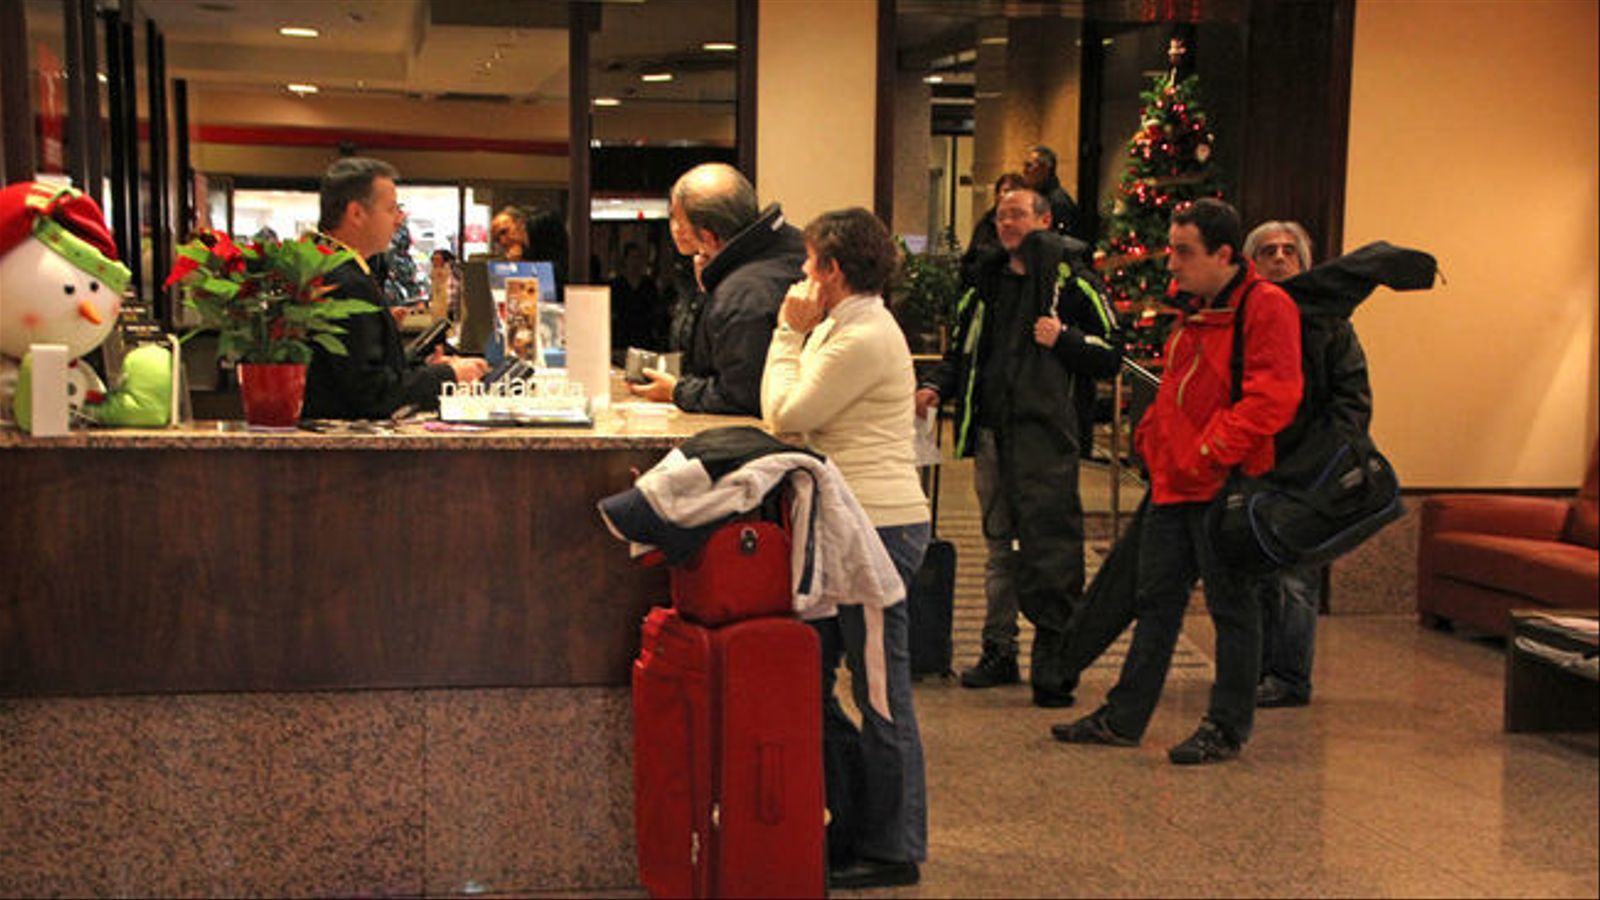 Turistes arribant a la recepció d'un hotel d'Andorra./Arxiu ANA